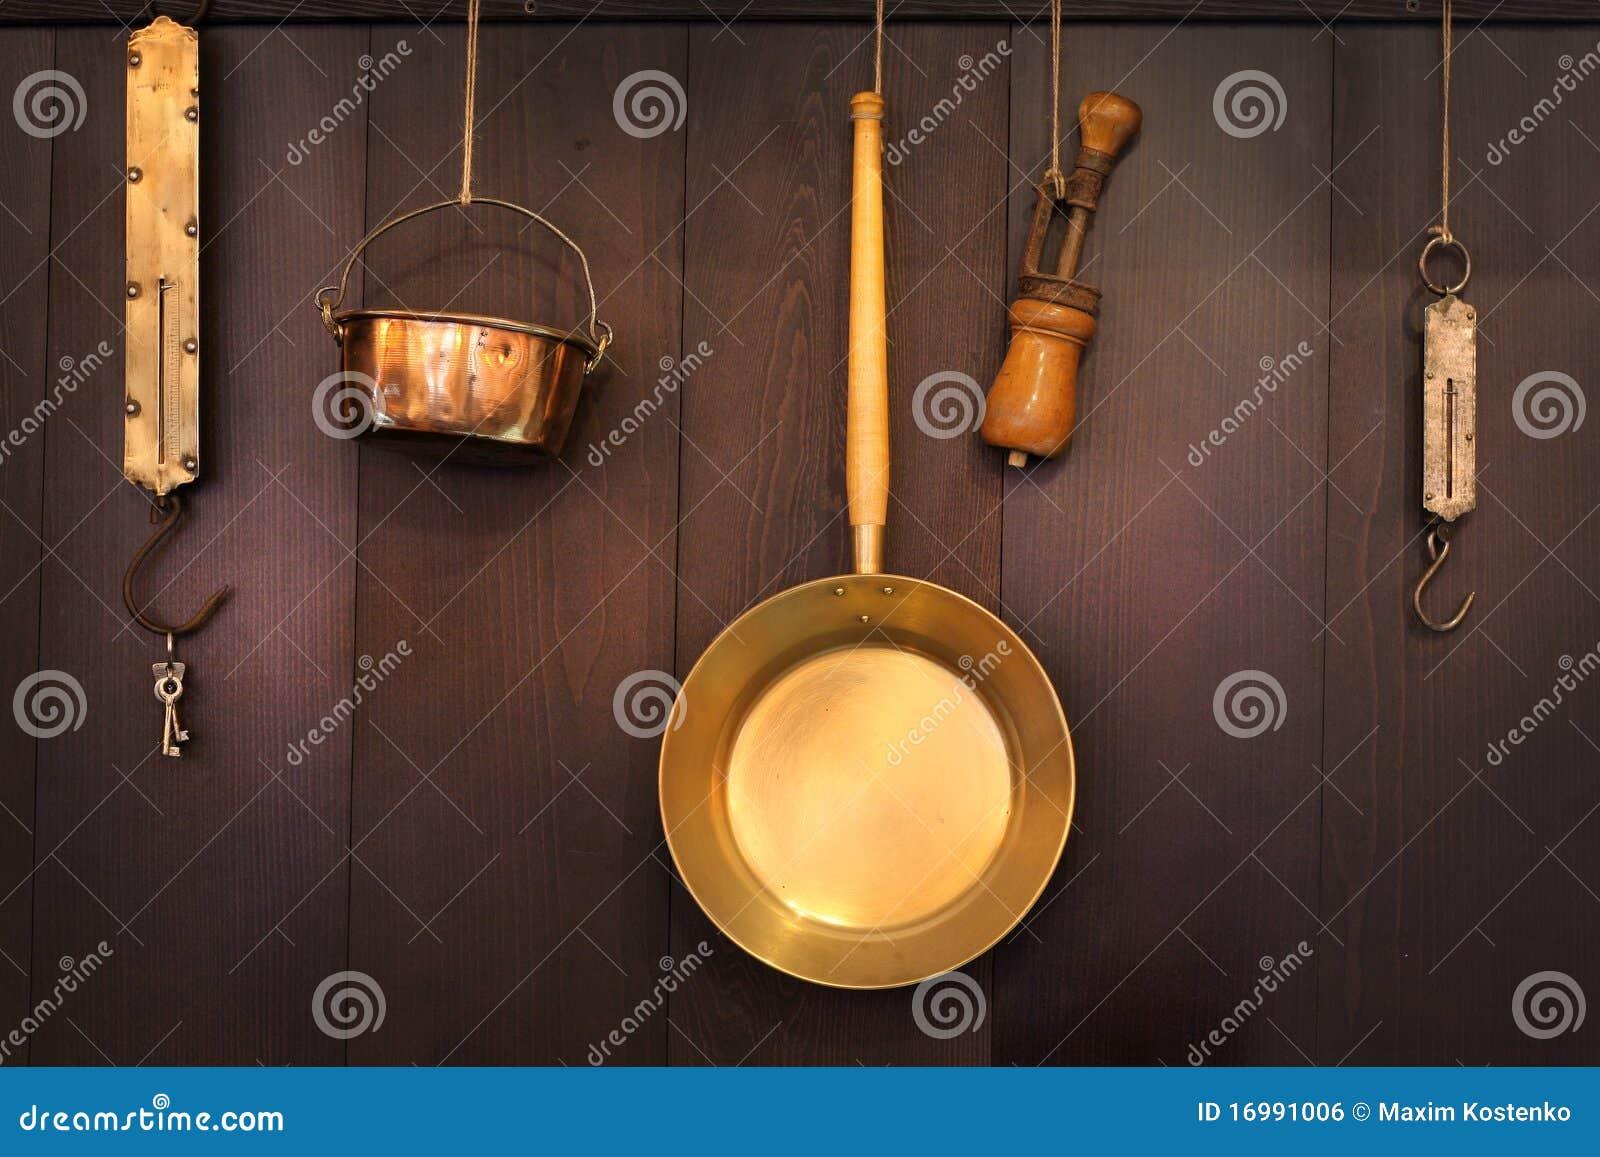 Viejos utensilios de cocina imagen de archivo libre de for Utensilios de cocina viejos